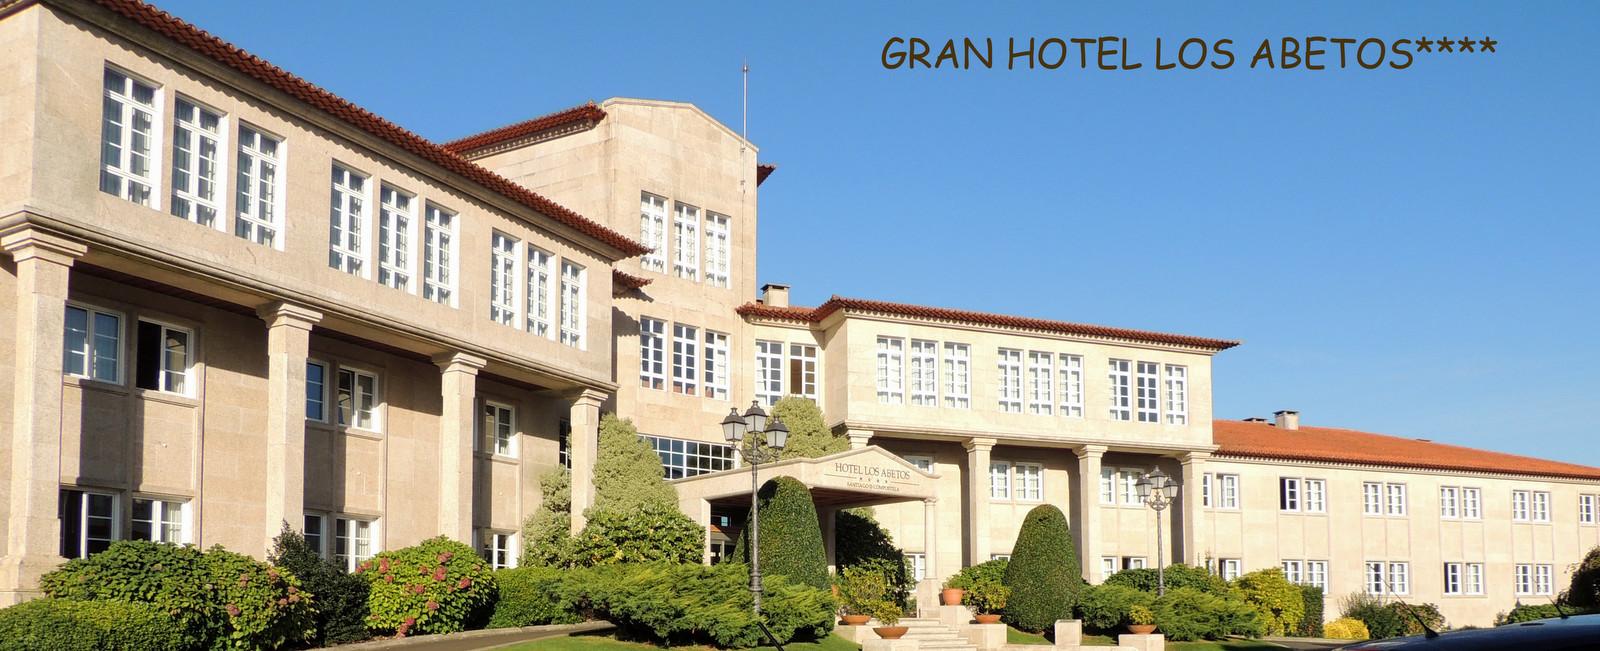 Gran Hotel Los Abetos - Santiago de Compostella